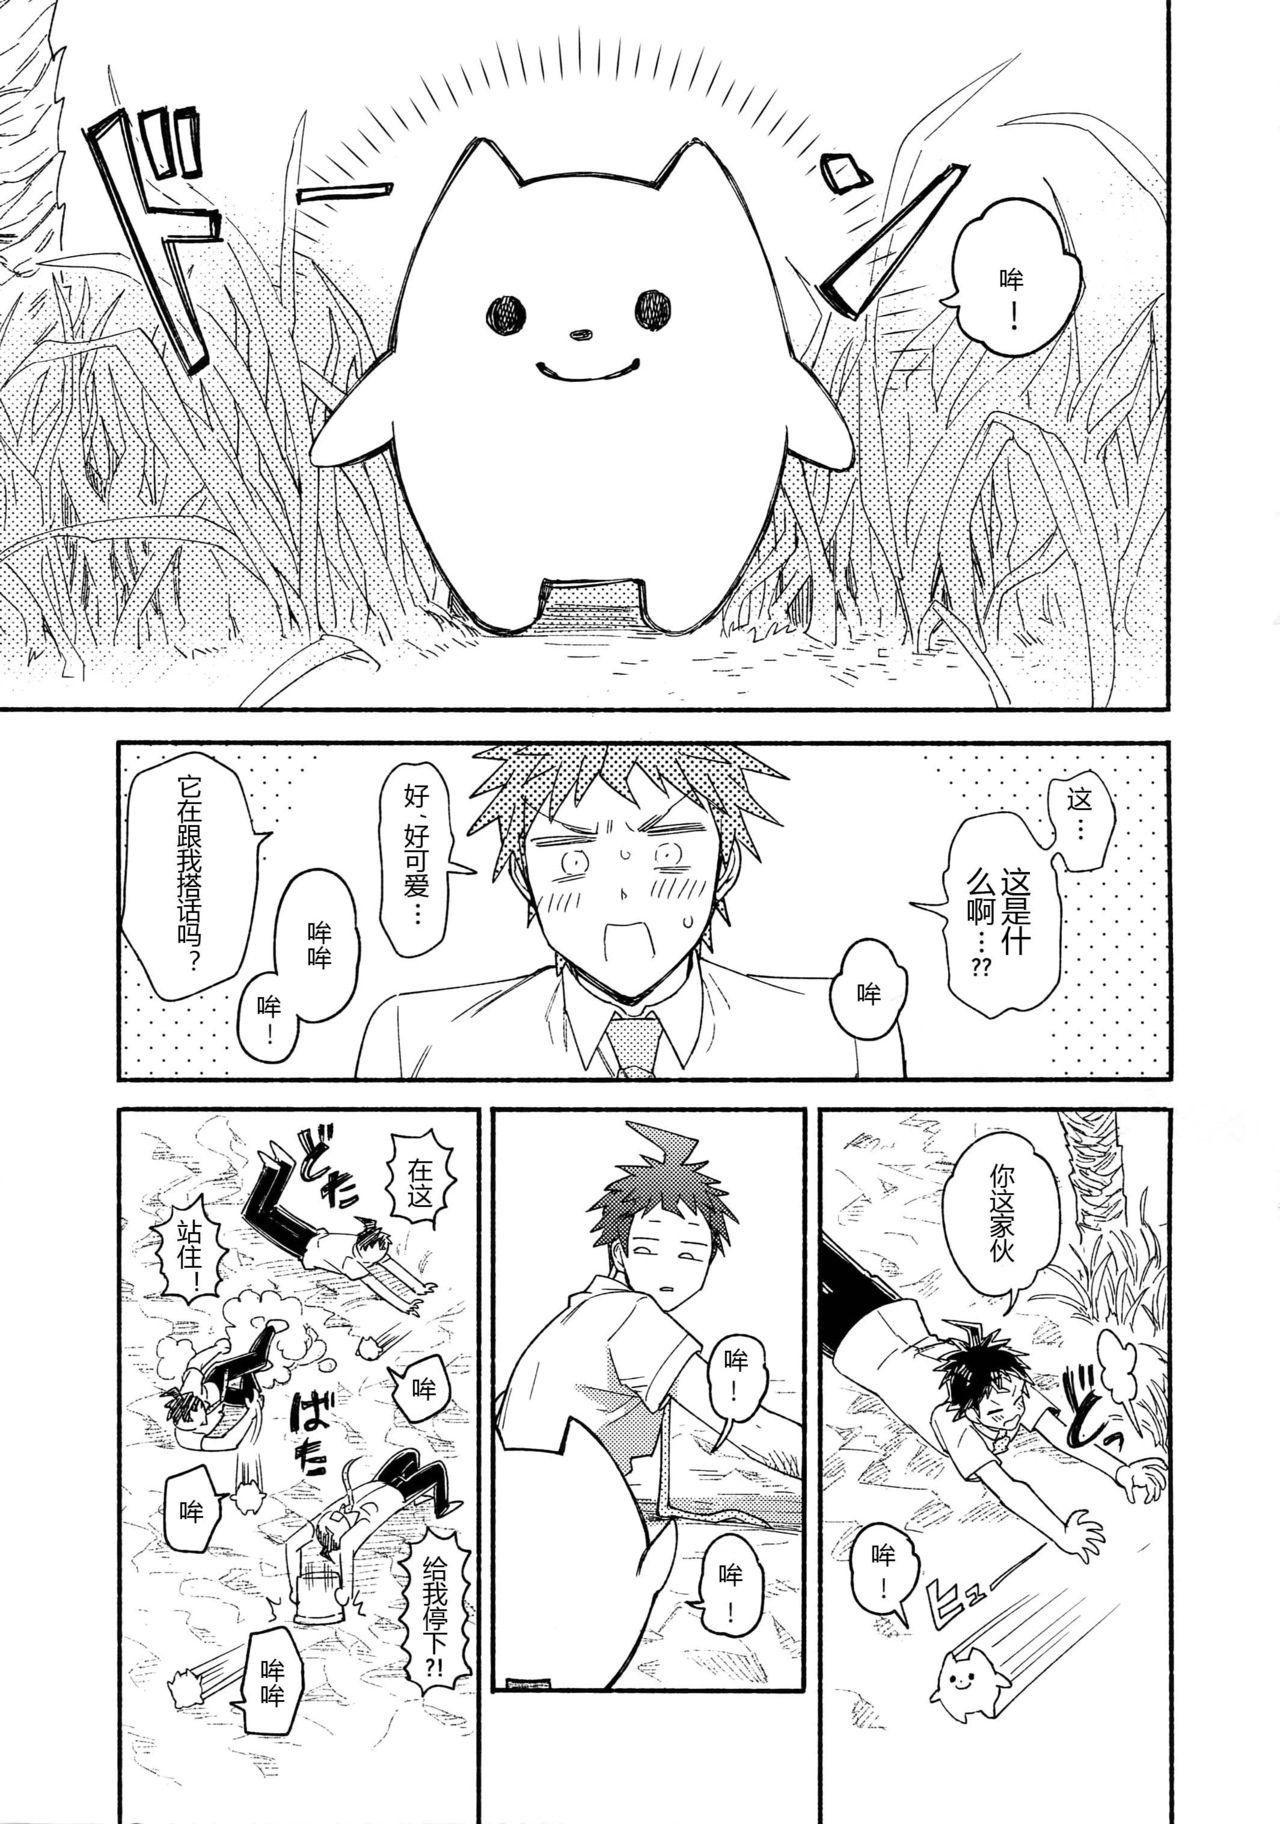 Tsunaide! Shokushu-kun! 连接吧!触手君! 3